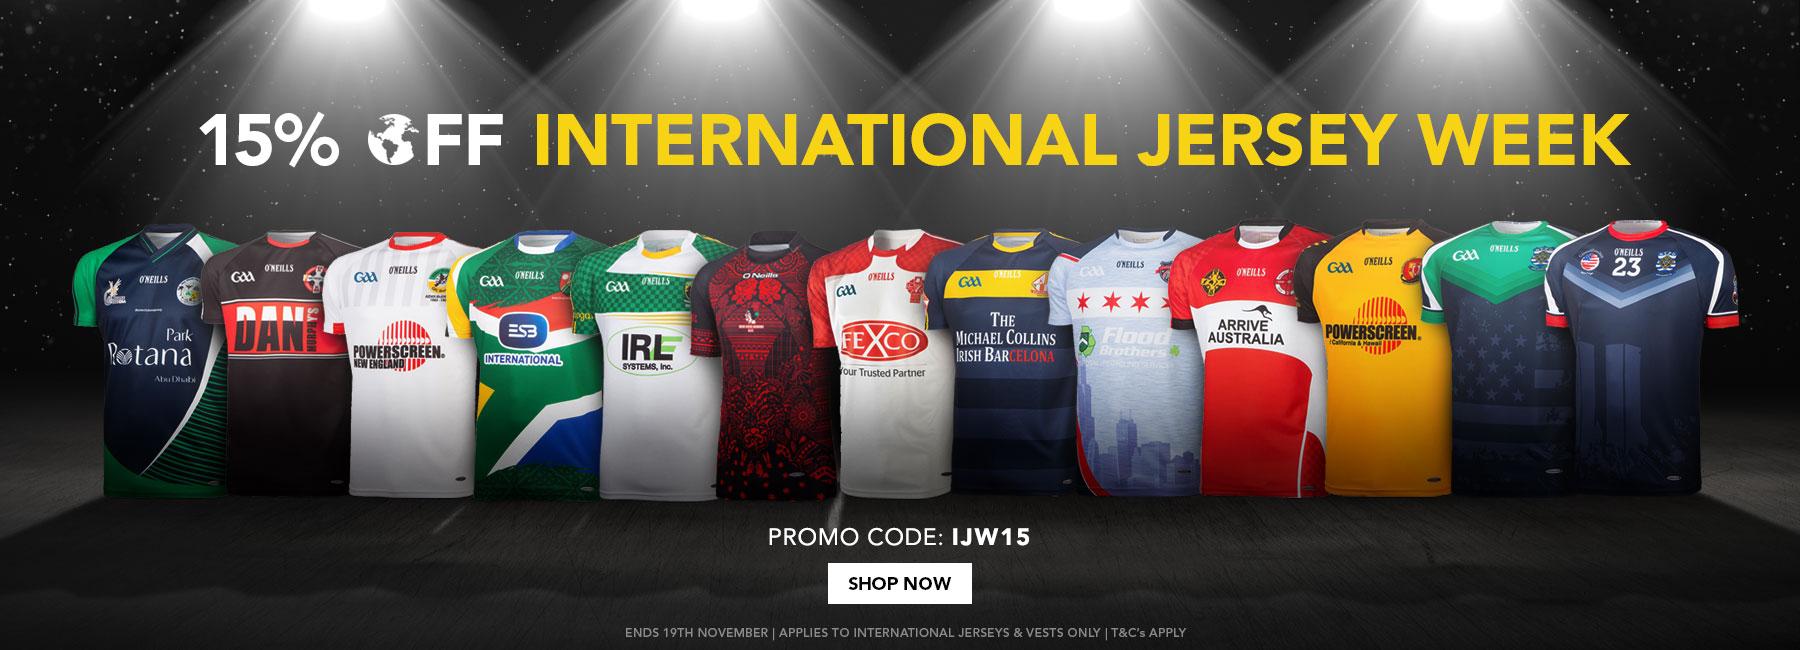 International Jersey Week